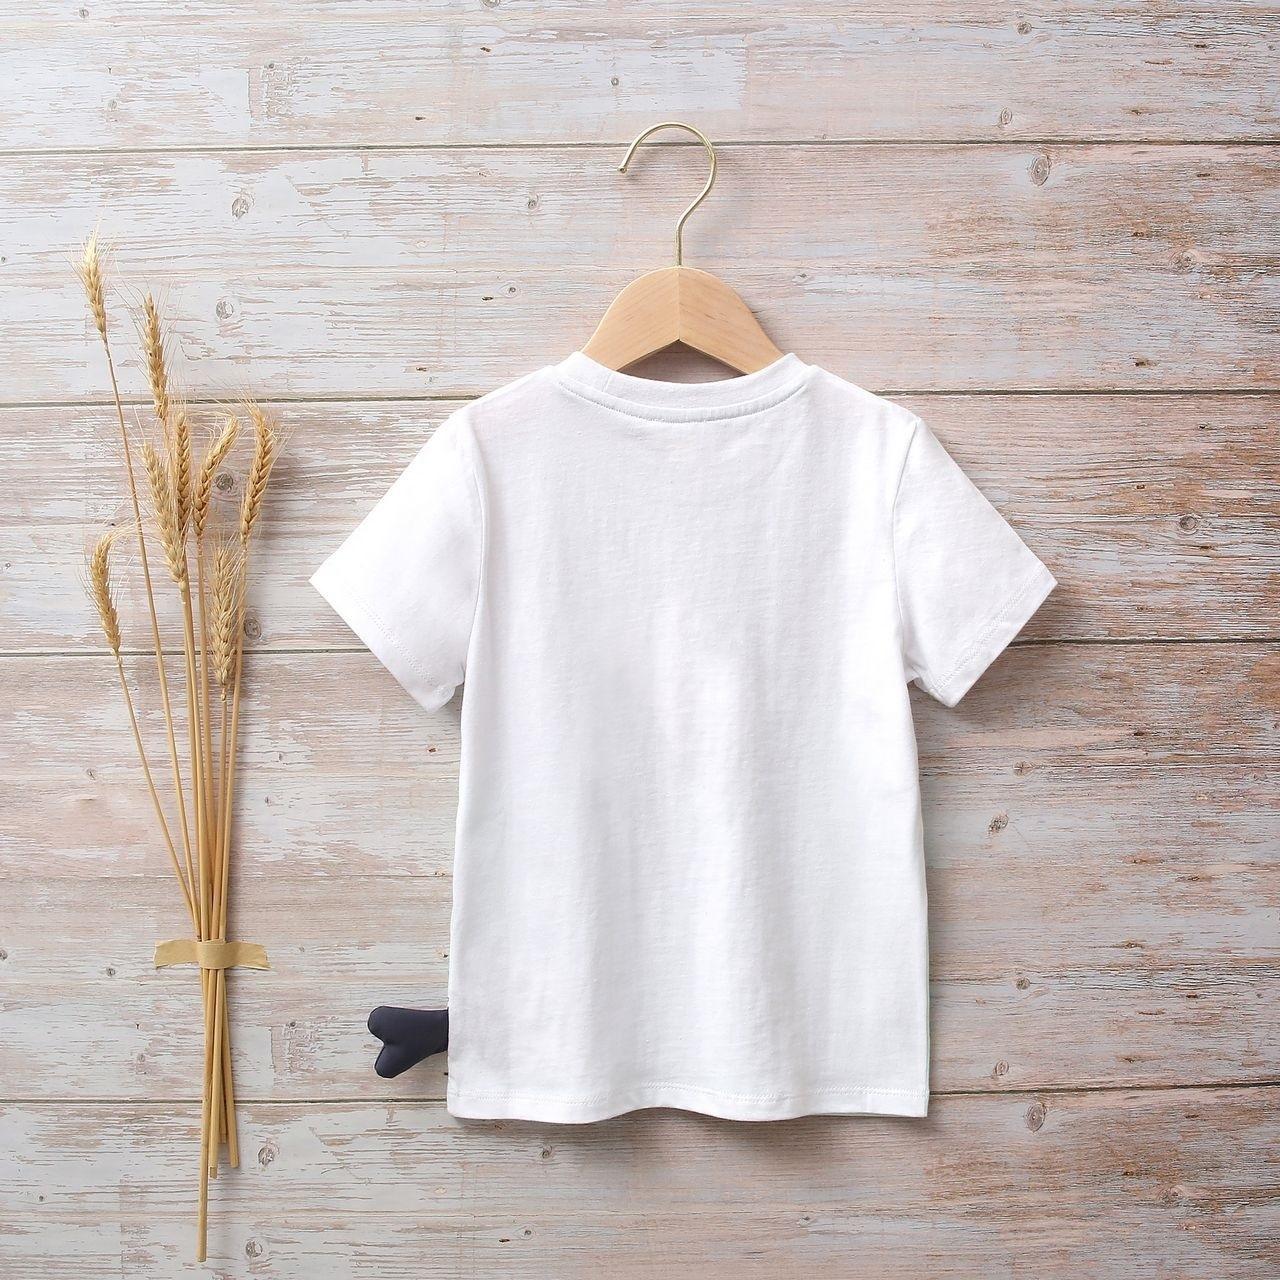 Imagen de Camiseta blanca y azul unisex junior con estampado de pez en lateral